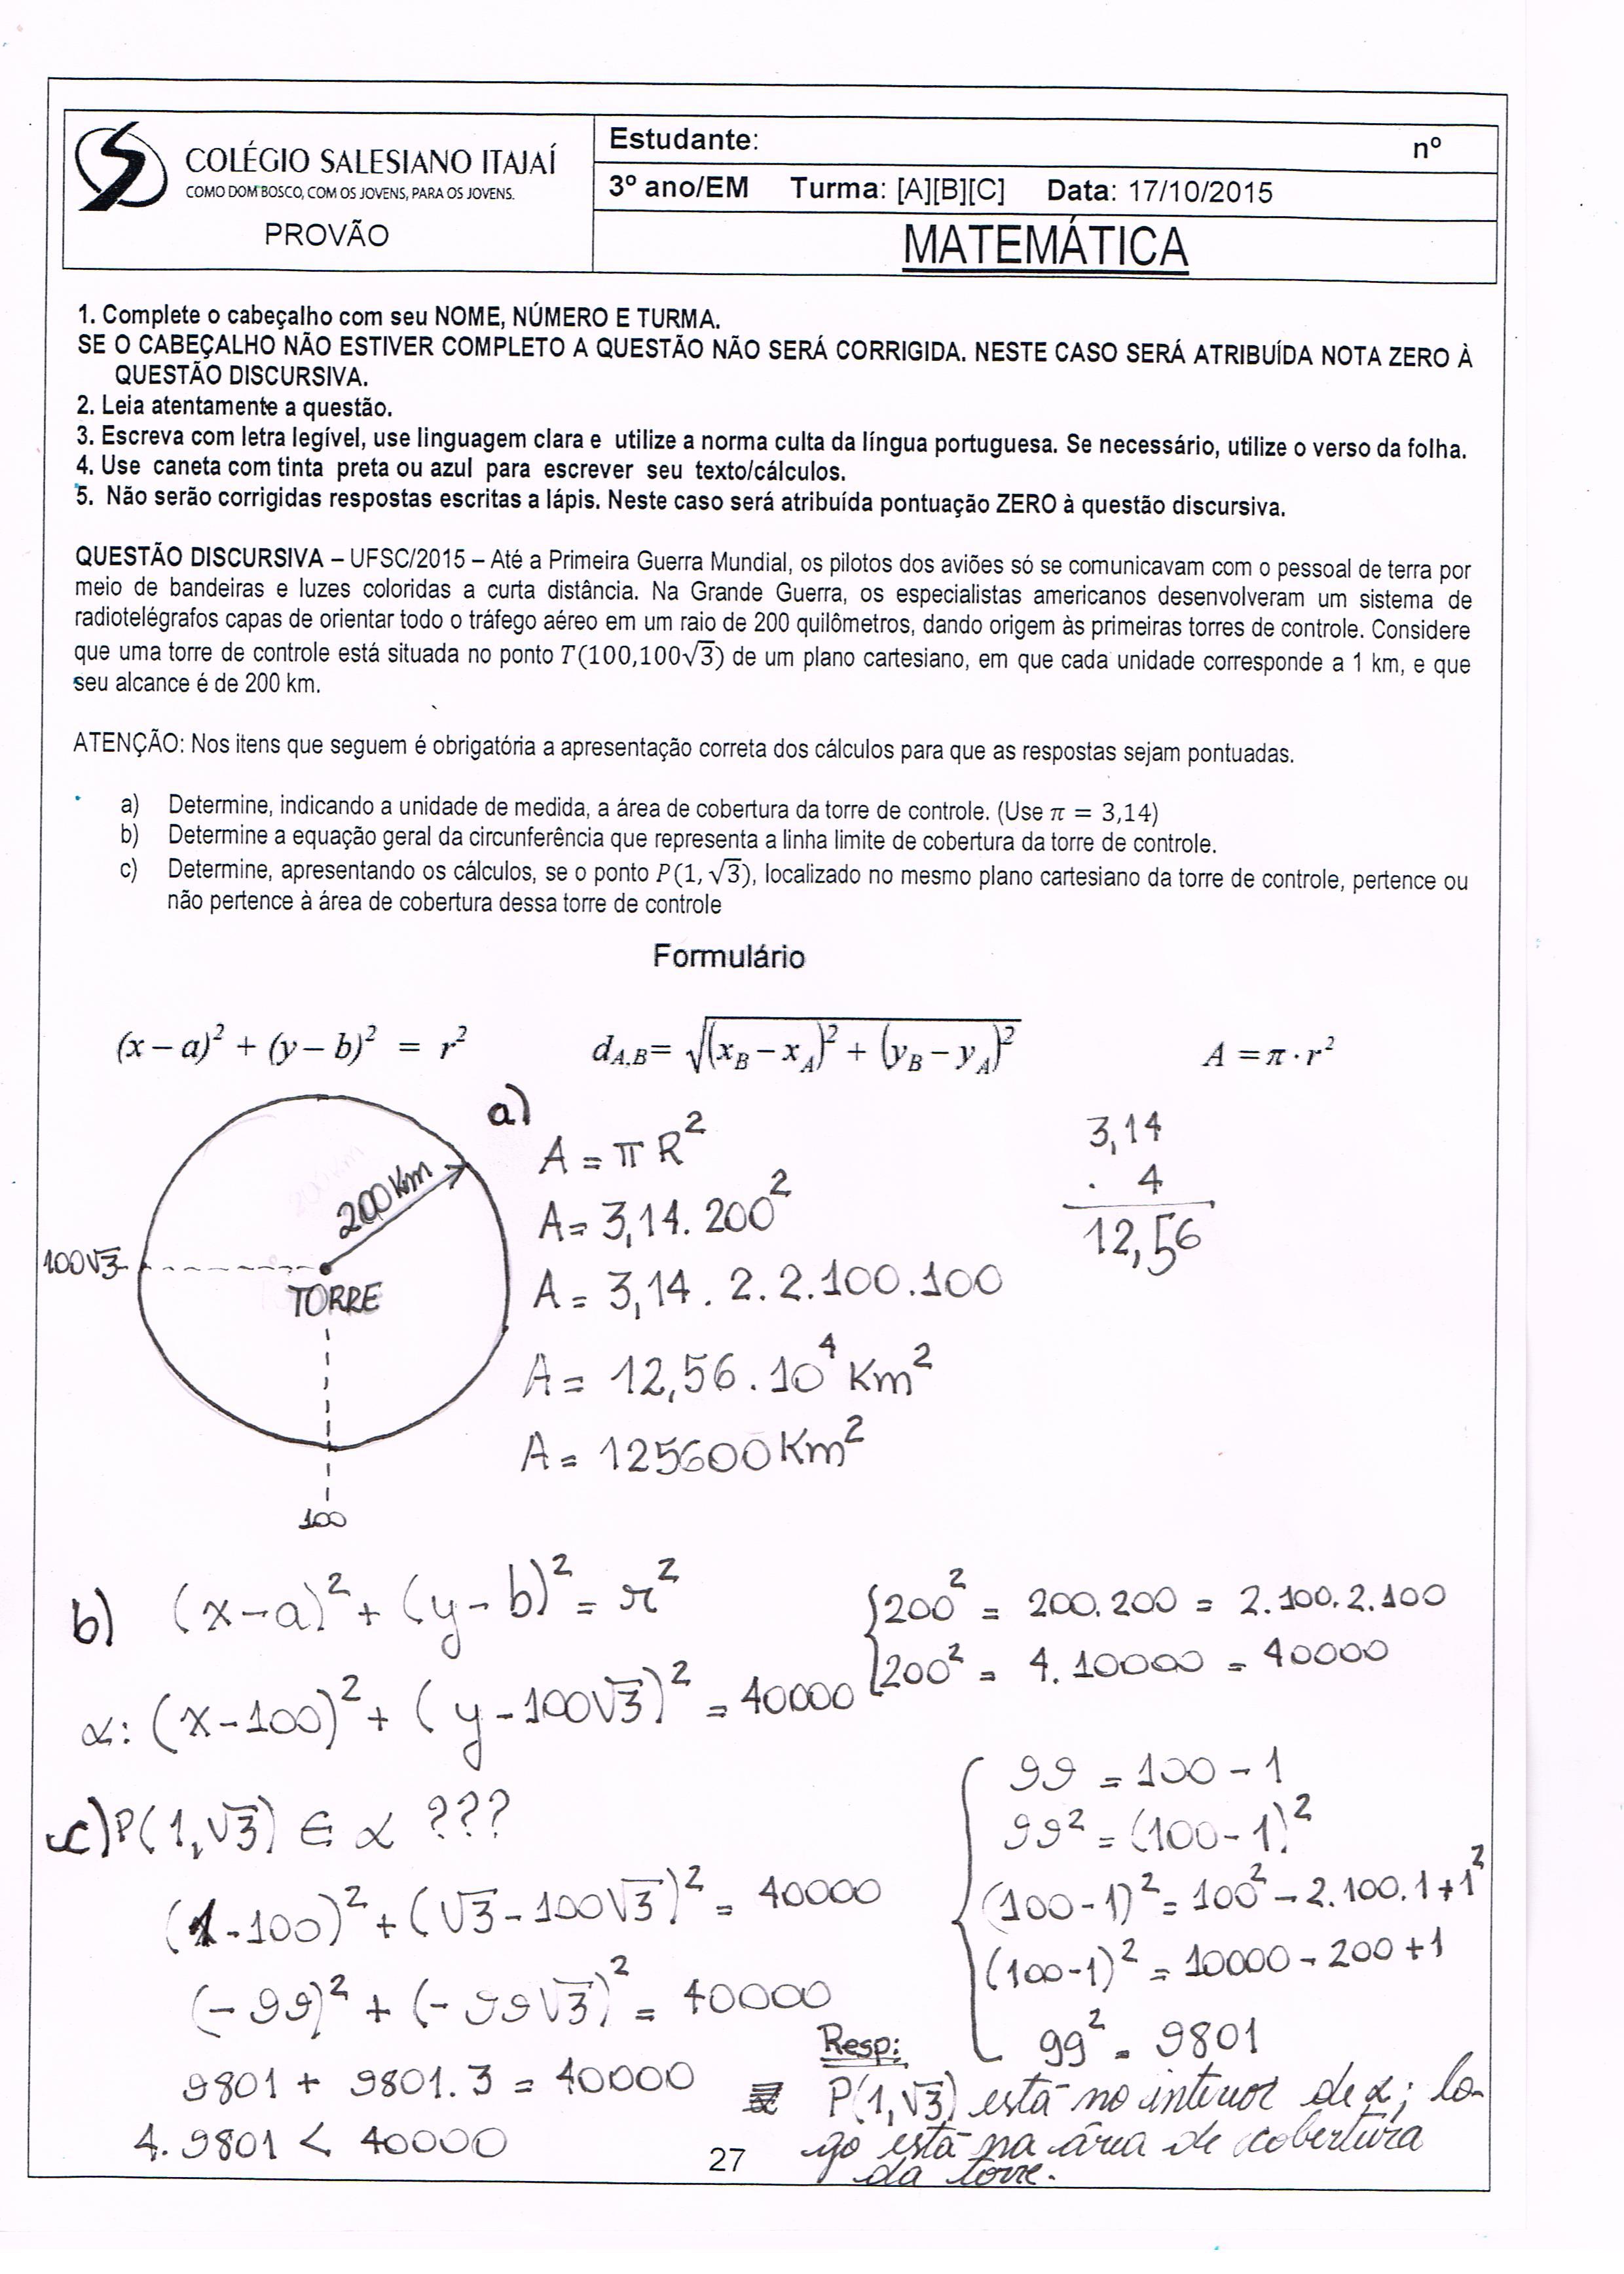 Preferência Gabarito do Simulado e Provão de Outubro - Colégio Salesiano Itajaí UB72